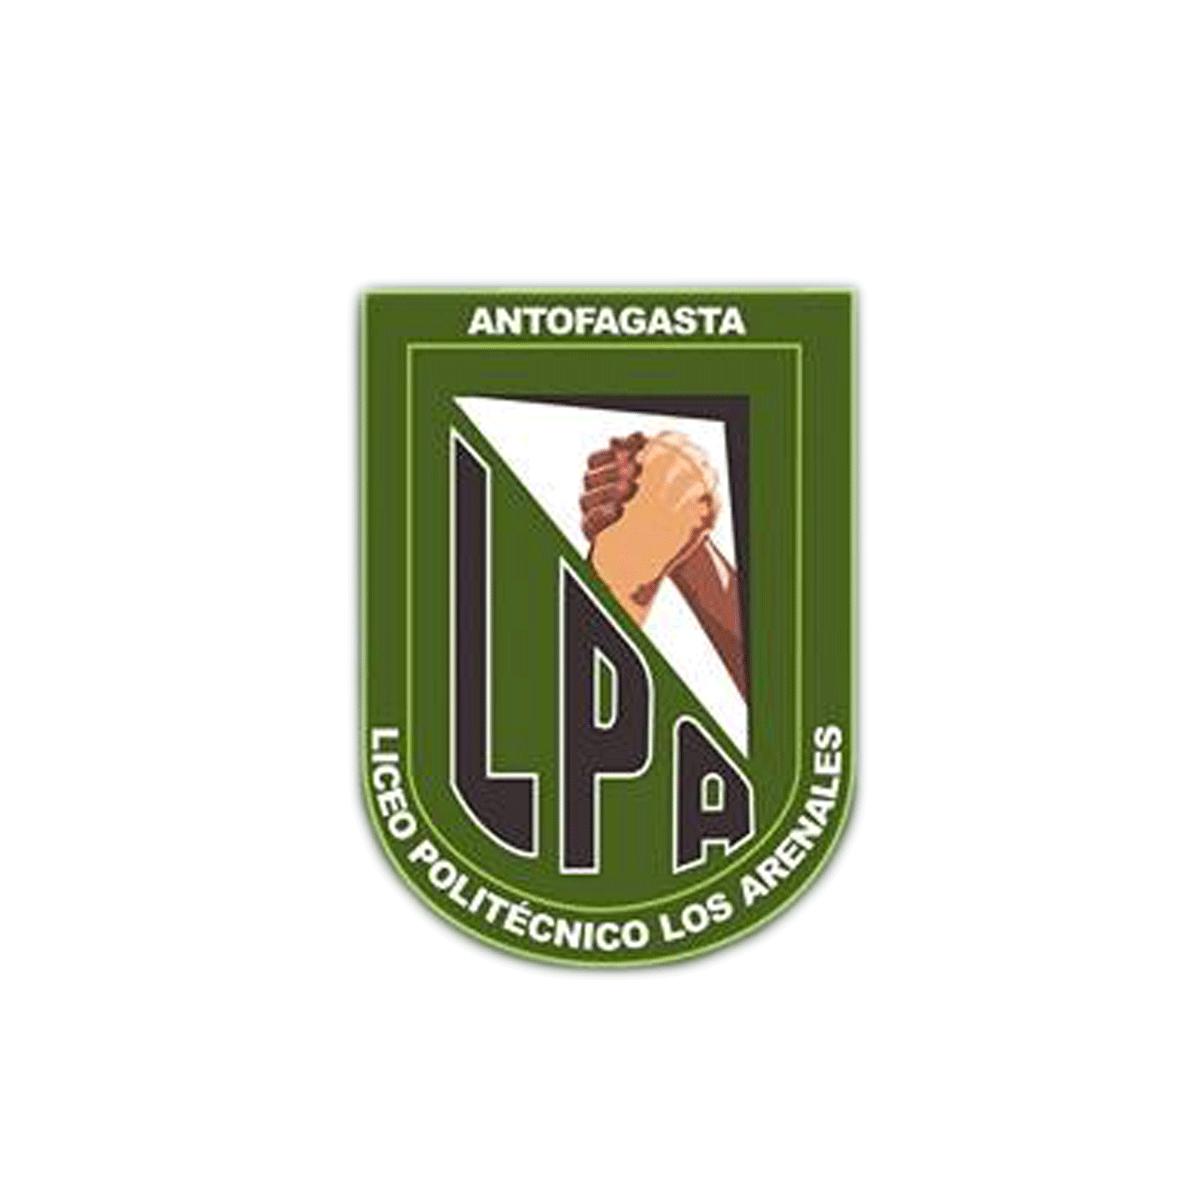 Liceo Politécnico Los Arenales - Antofagasta